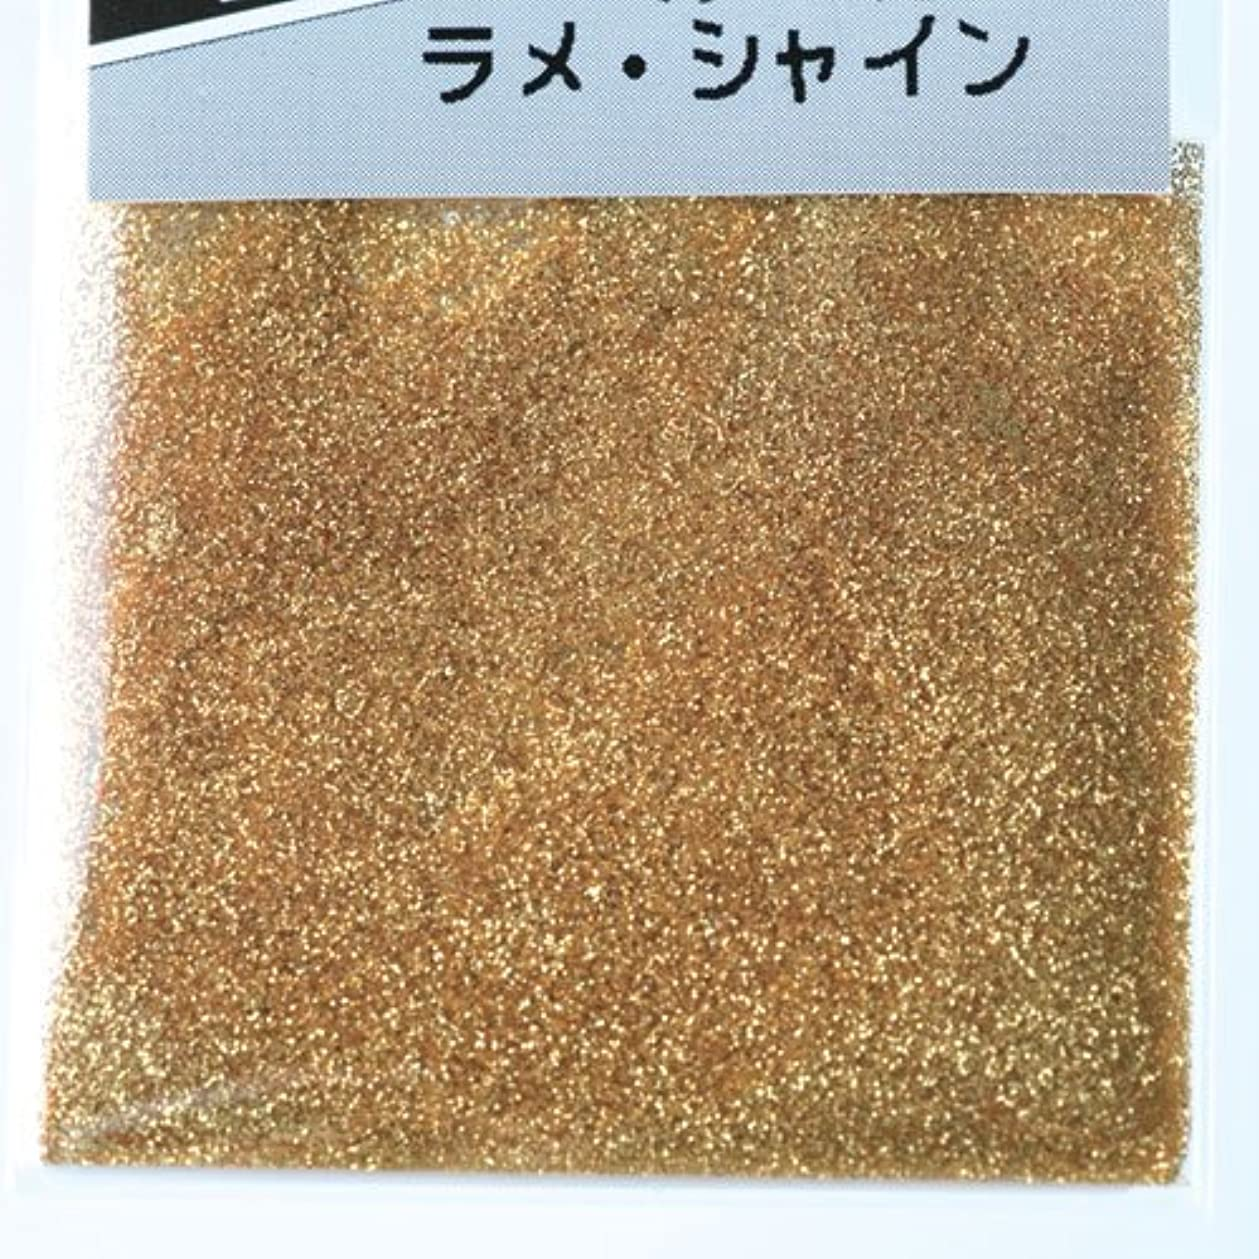 細断序文ヒューズピカエース ネイル用パウダー ピカエース ラメシャイン S #482 ゴールド 0.7g アート材